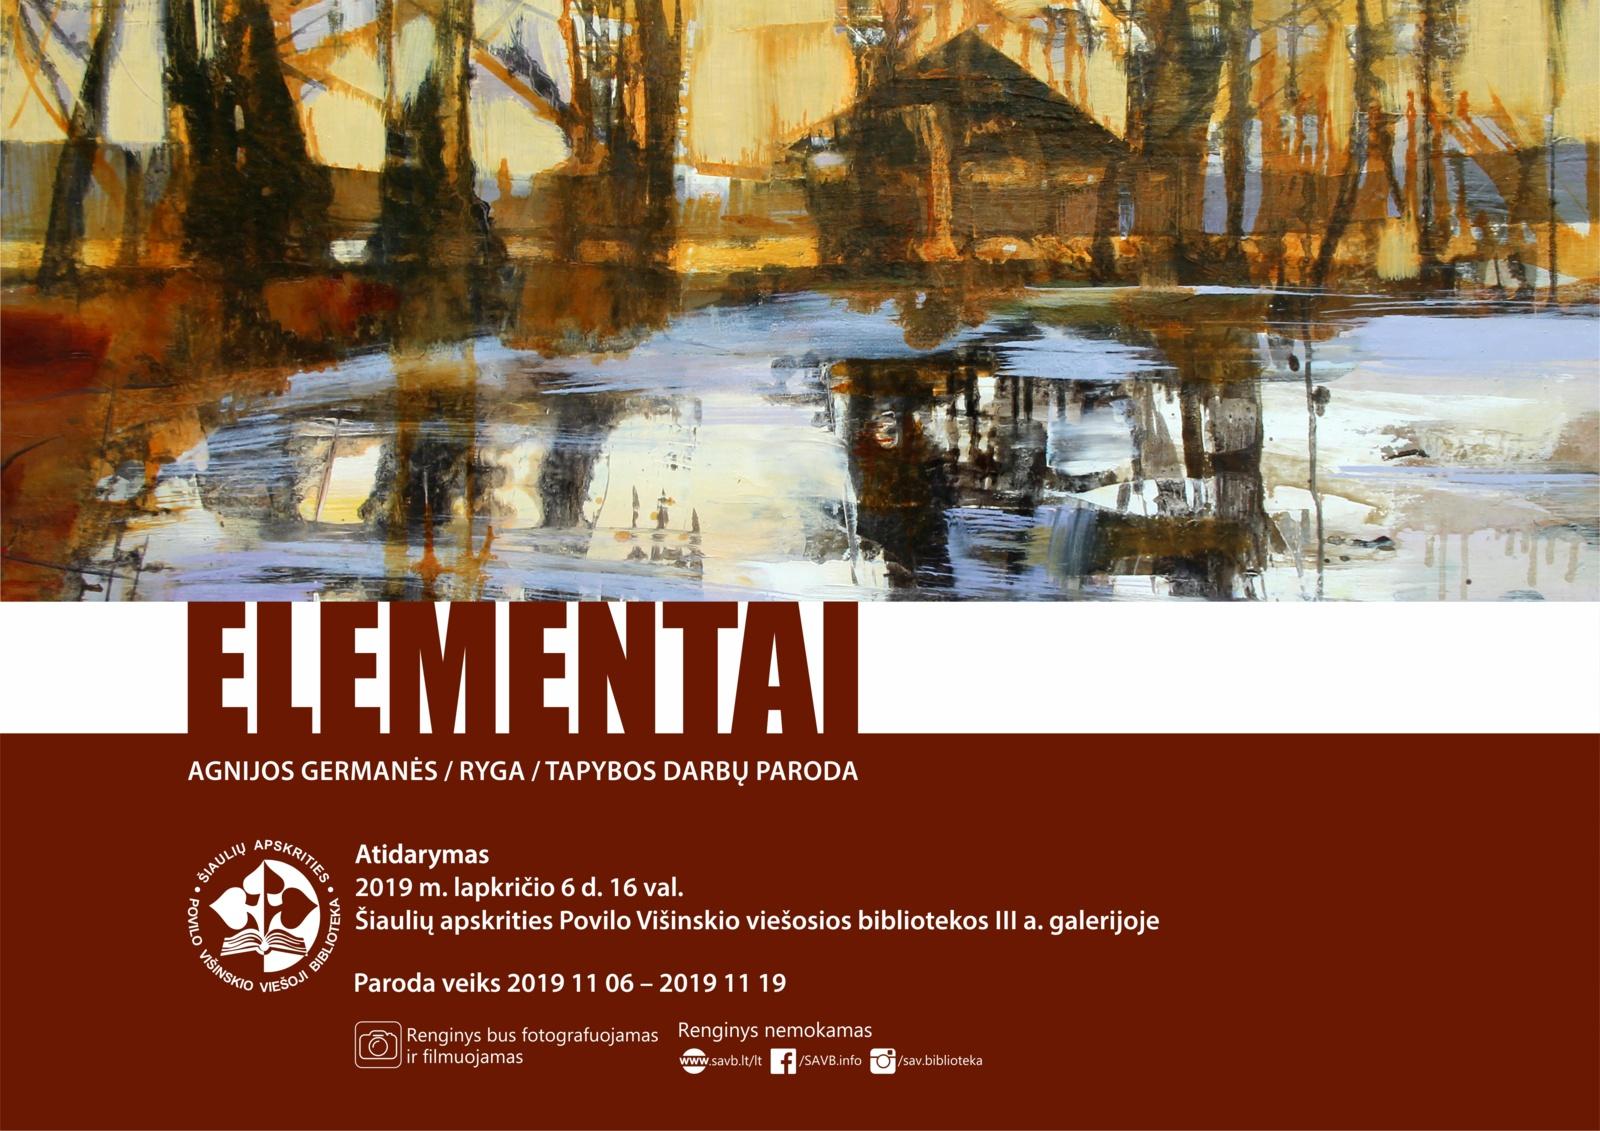 """Agnijos Germanės tapybos darbų parodos """"Elementai"""" atidarymas"""